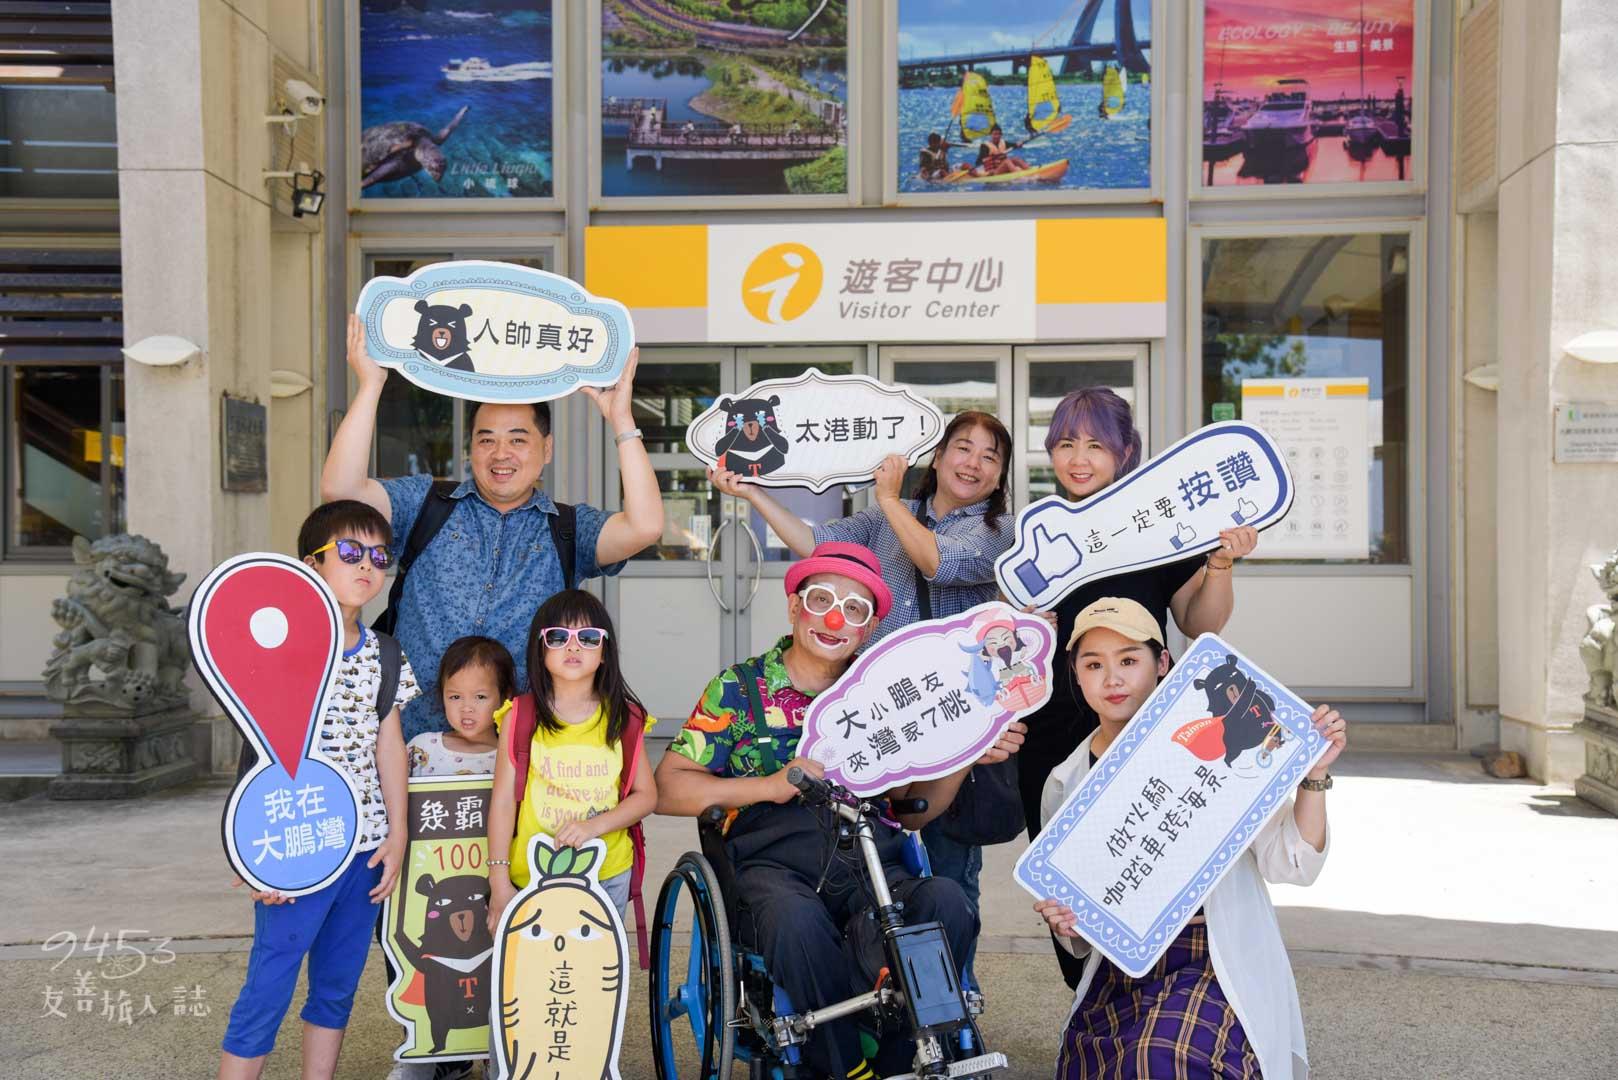 遊客中心提供打卡拍照標語